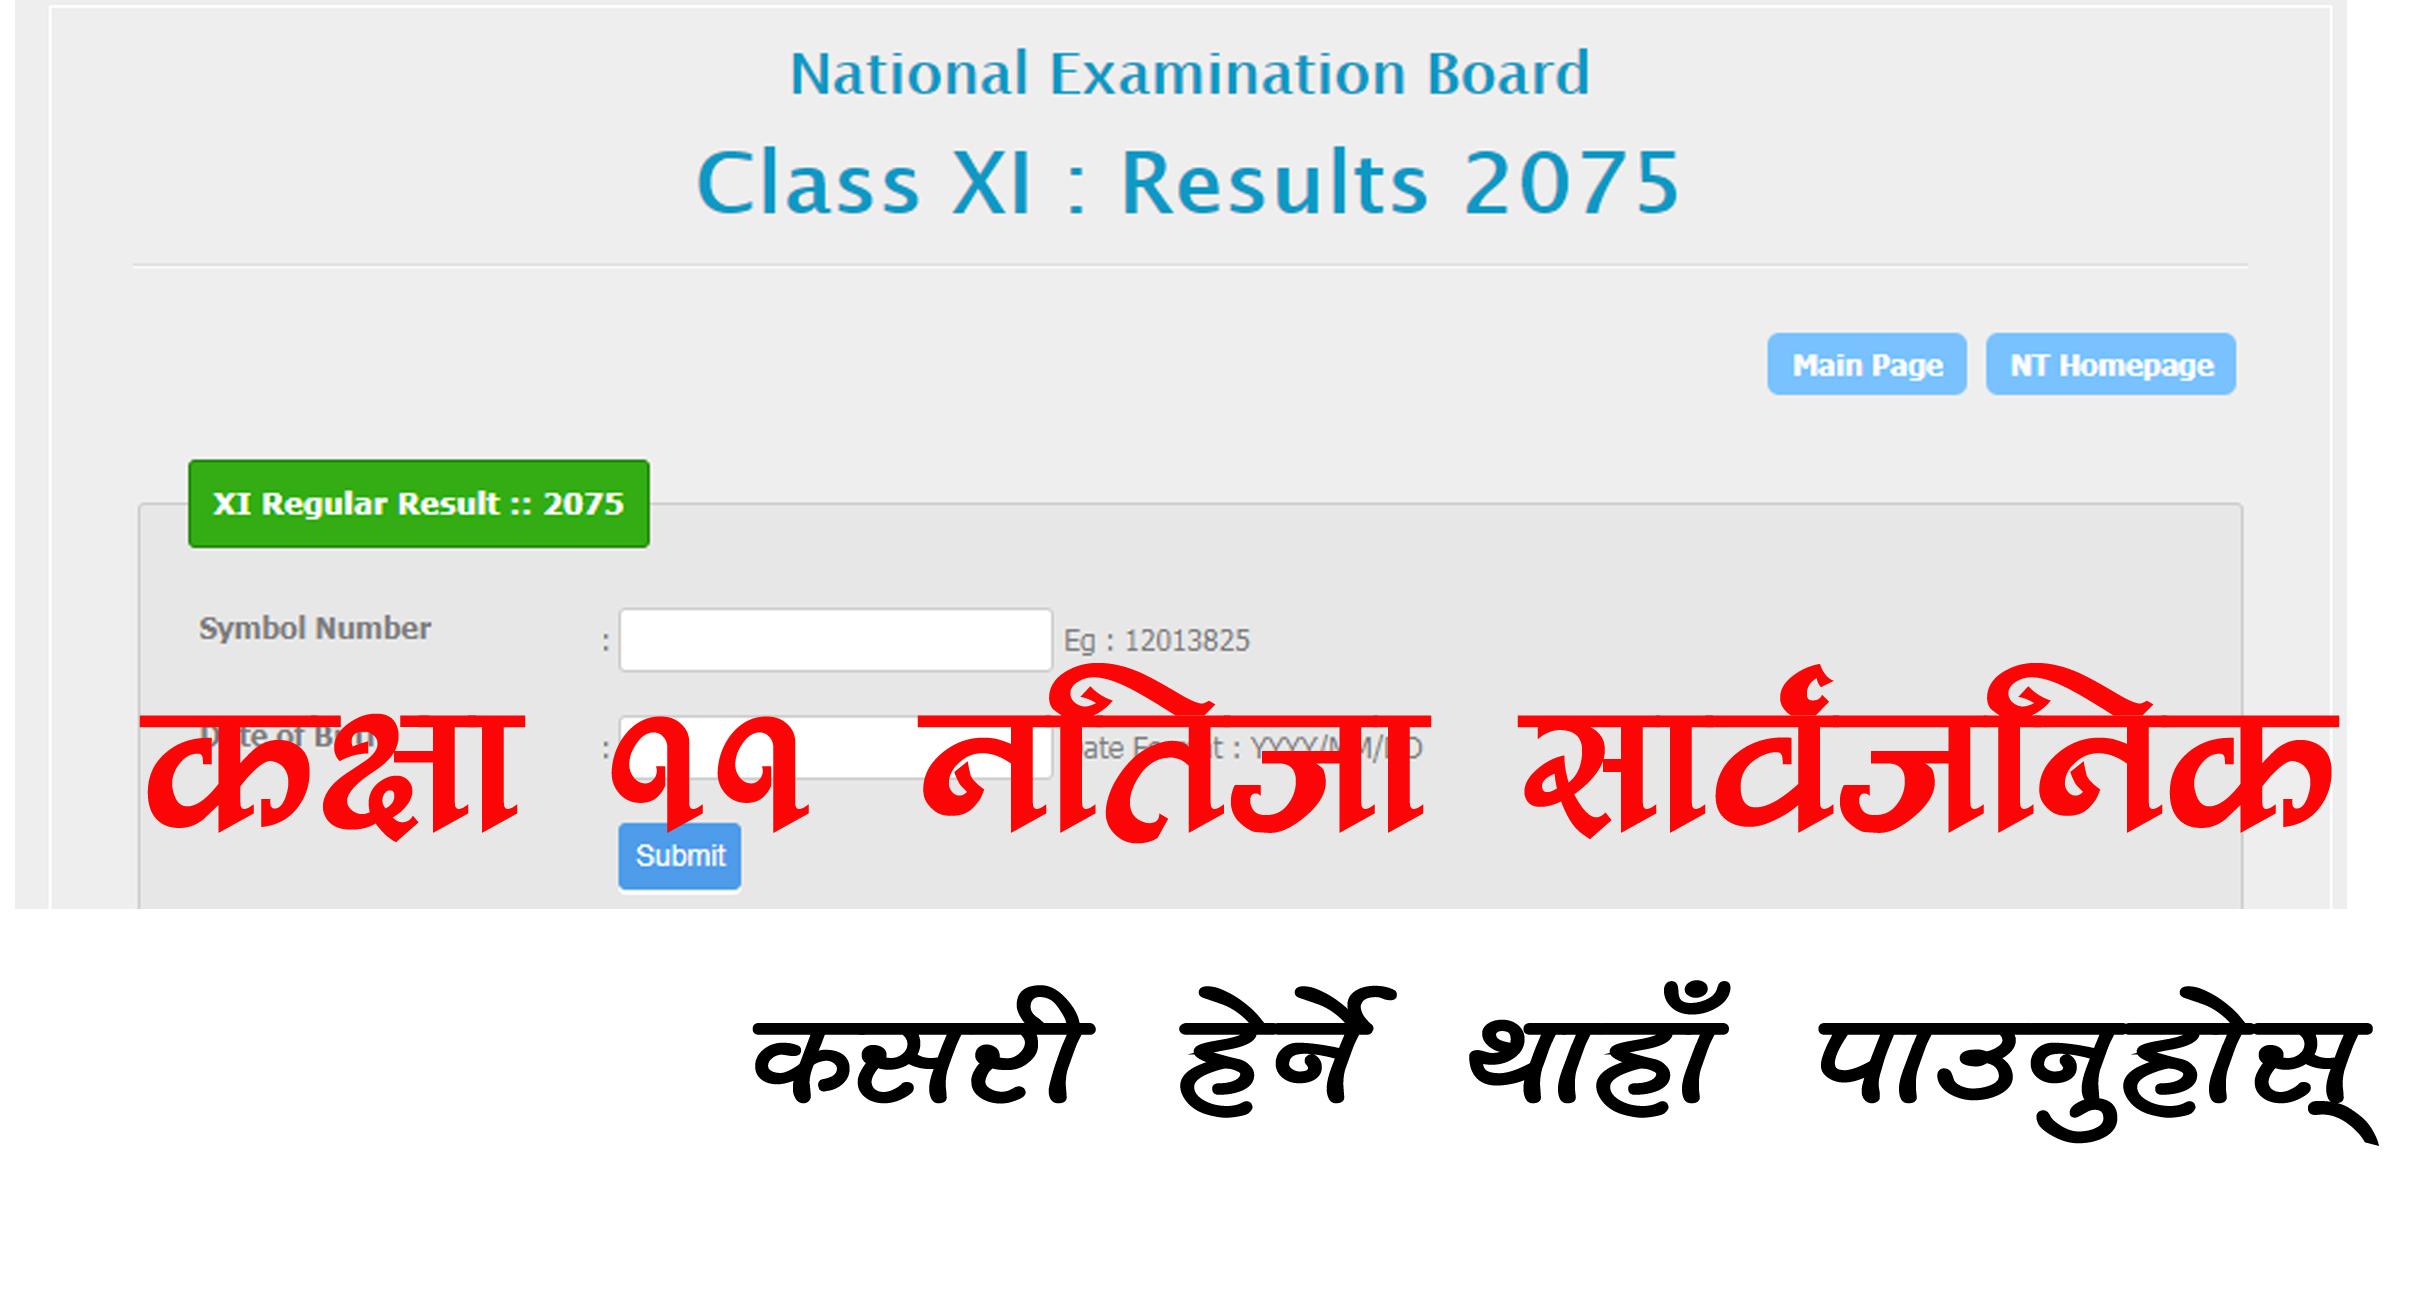 Grade 11 result 2071